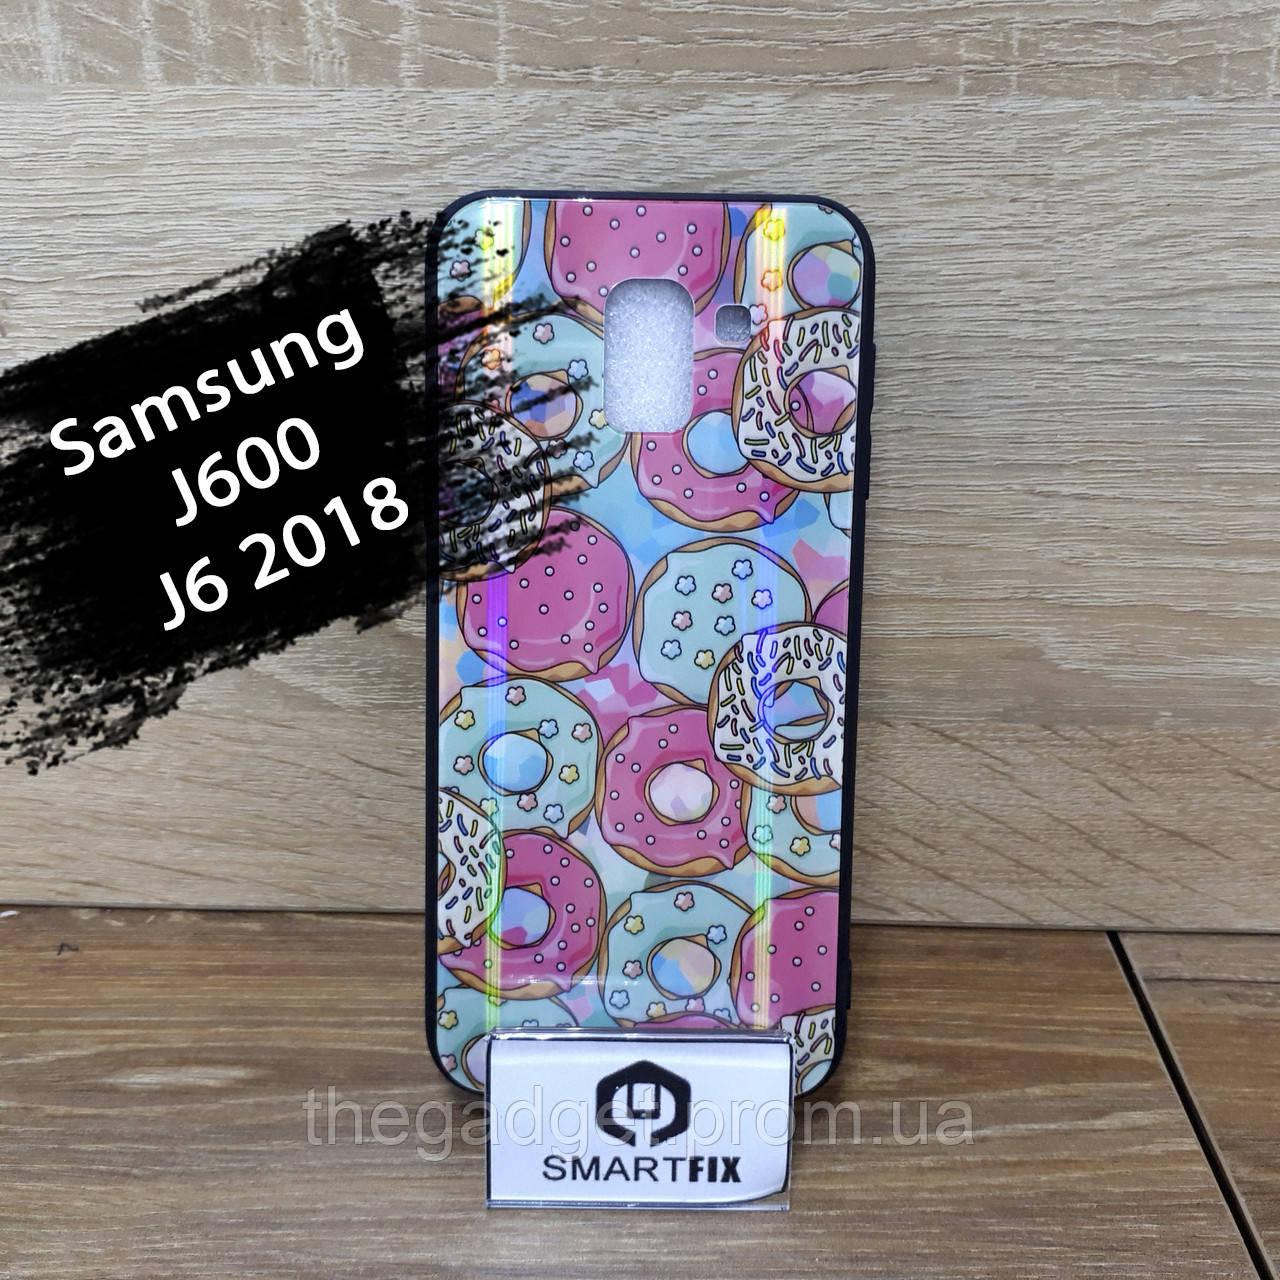 Чехол с рисунком для Samsung J6 2018 / J600